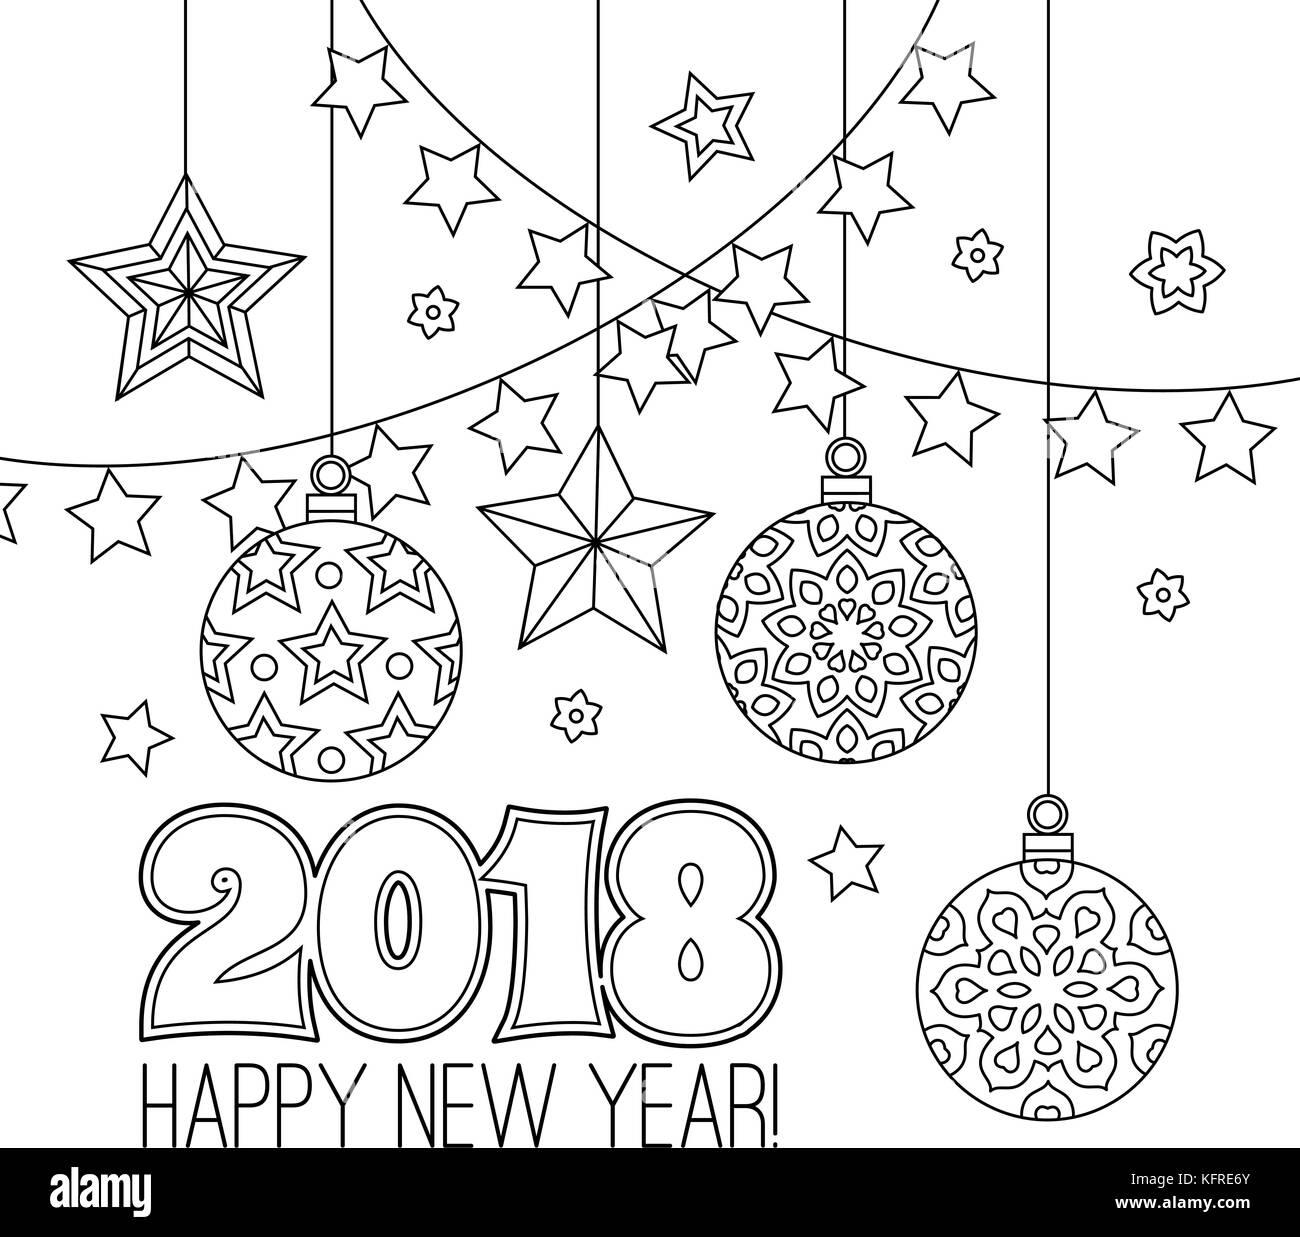 Neues Jahr herzlichen Glückwunsch Karte mit Zahlen 2018, Weihnachten ...